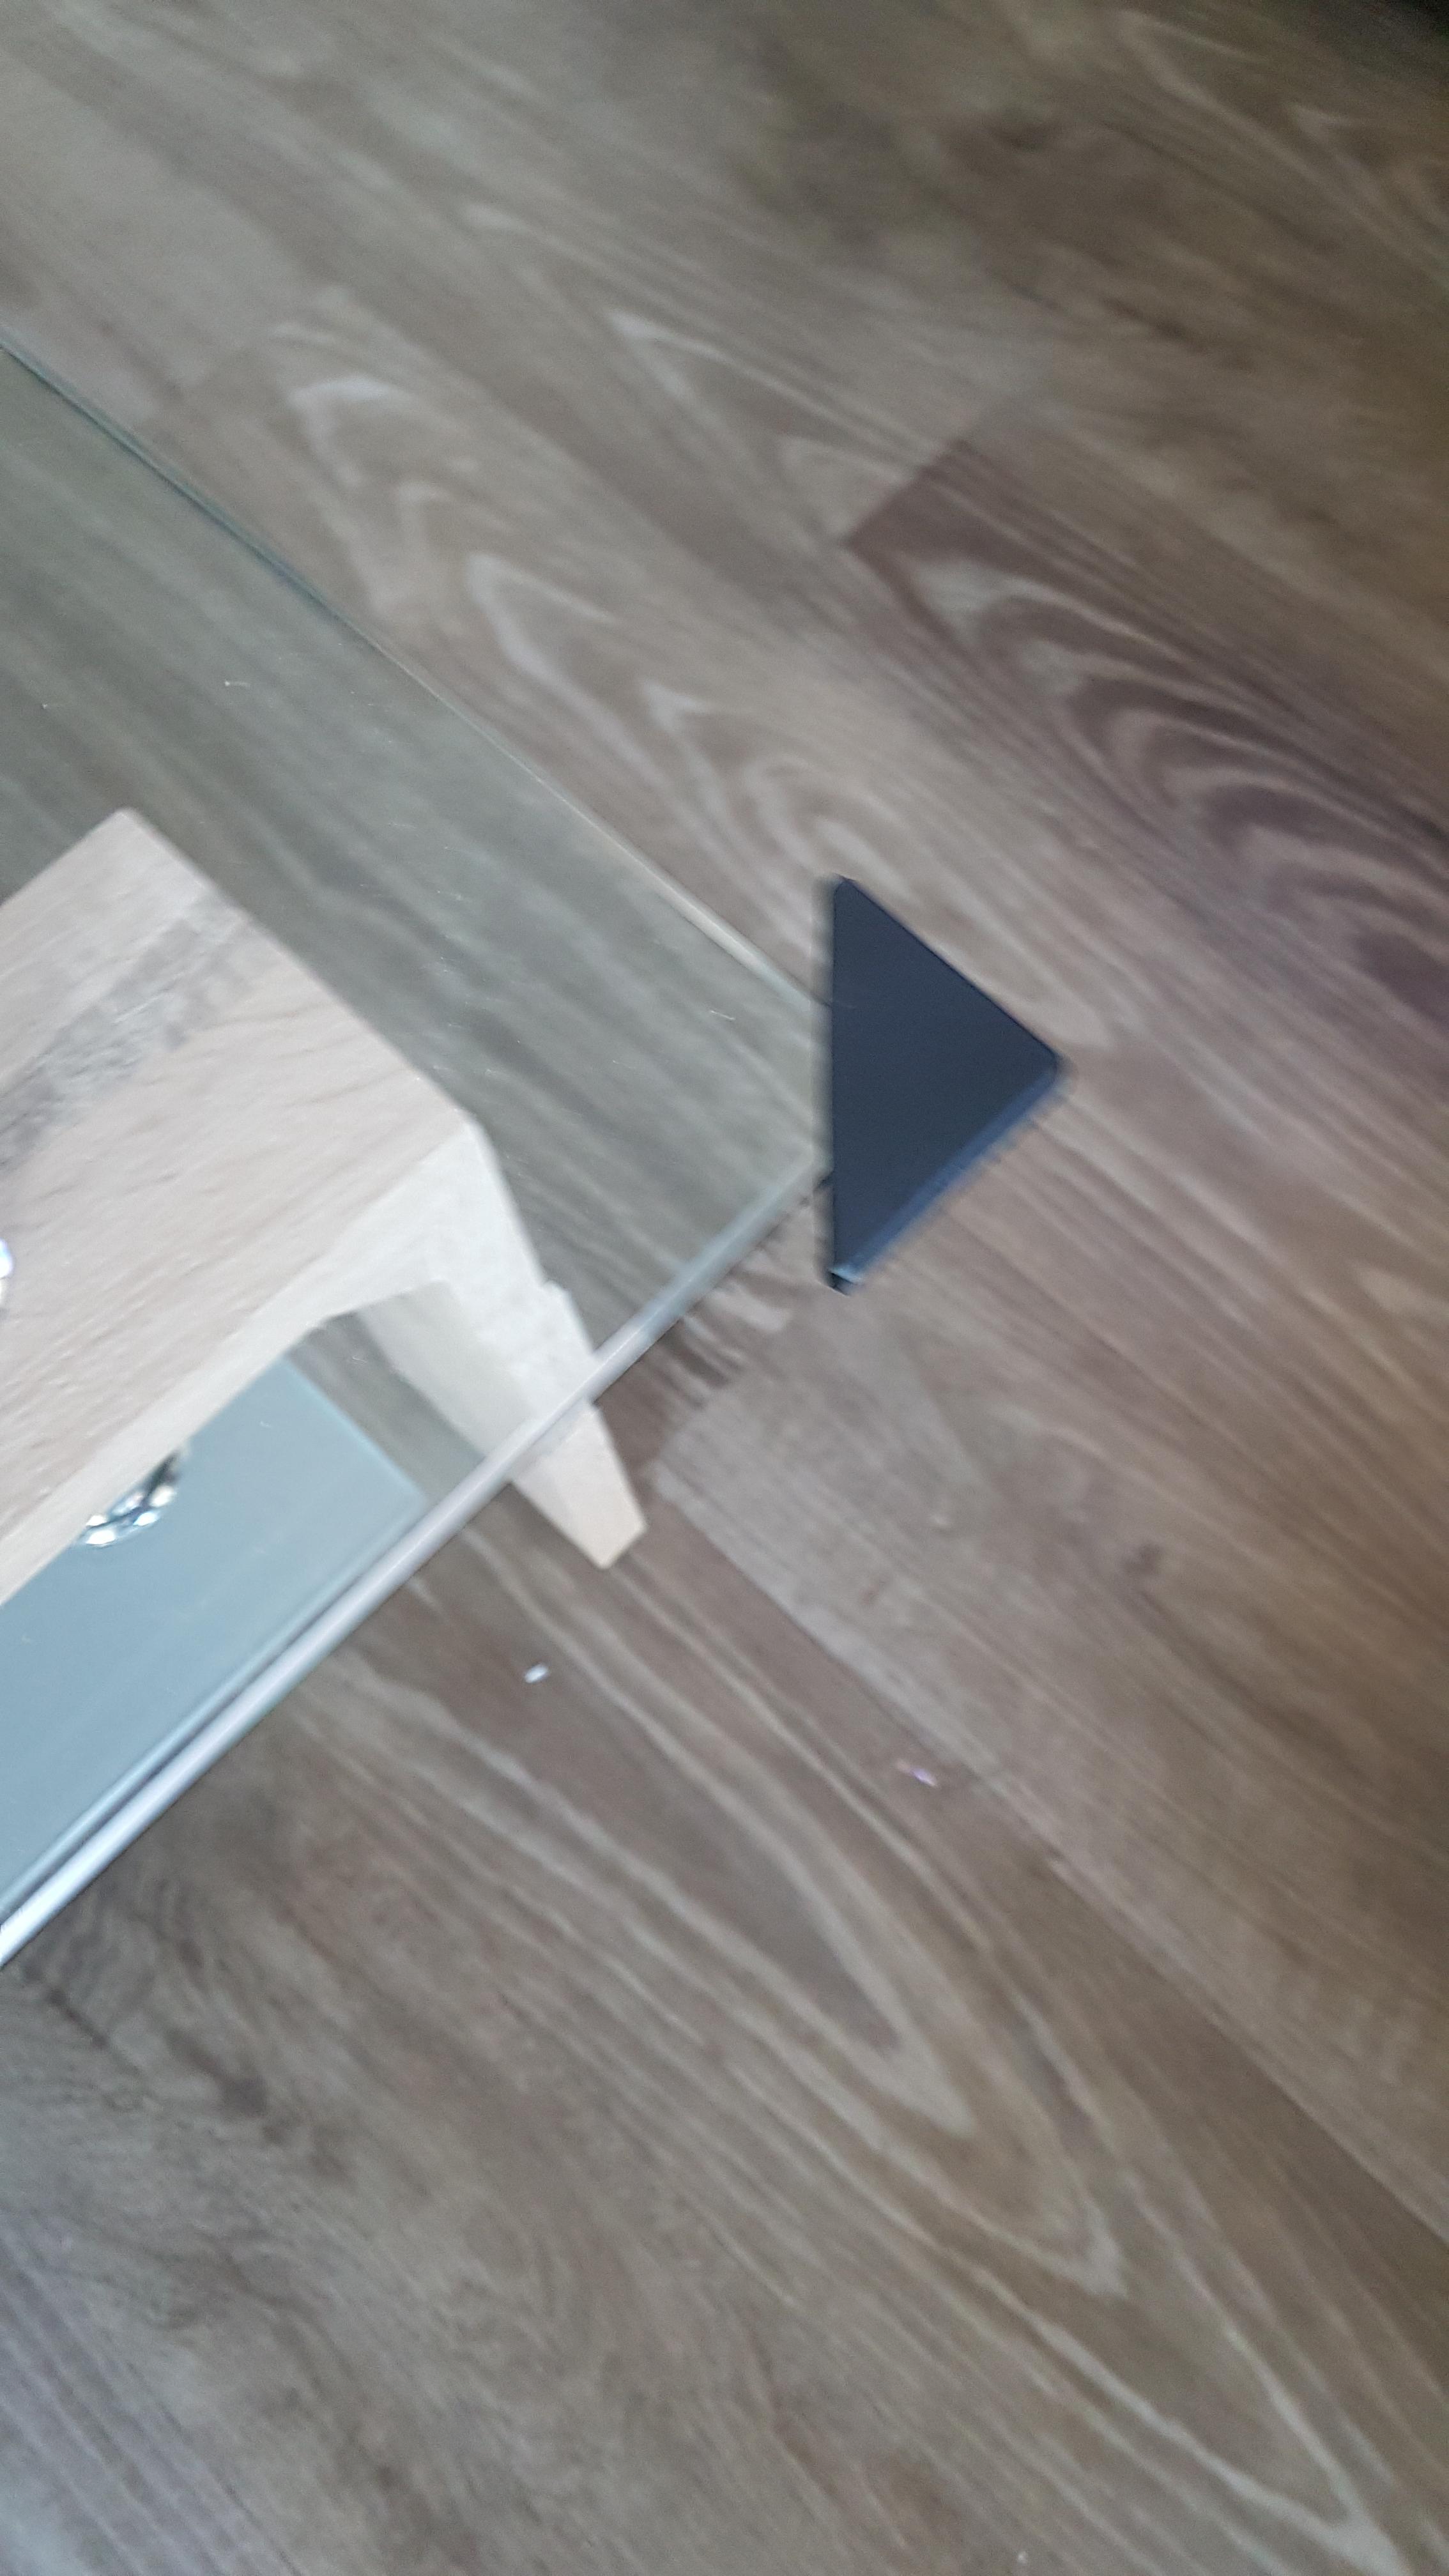 Kunststof hoekbeschermers voor glas (per stuk) gebruik: Kunststof hoekbeschermers voor glas (per stuk)